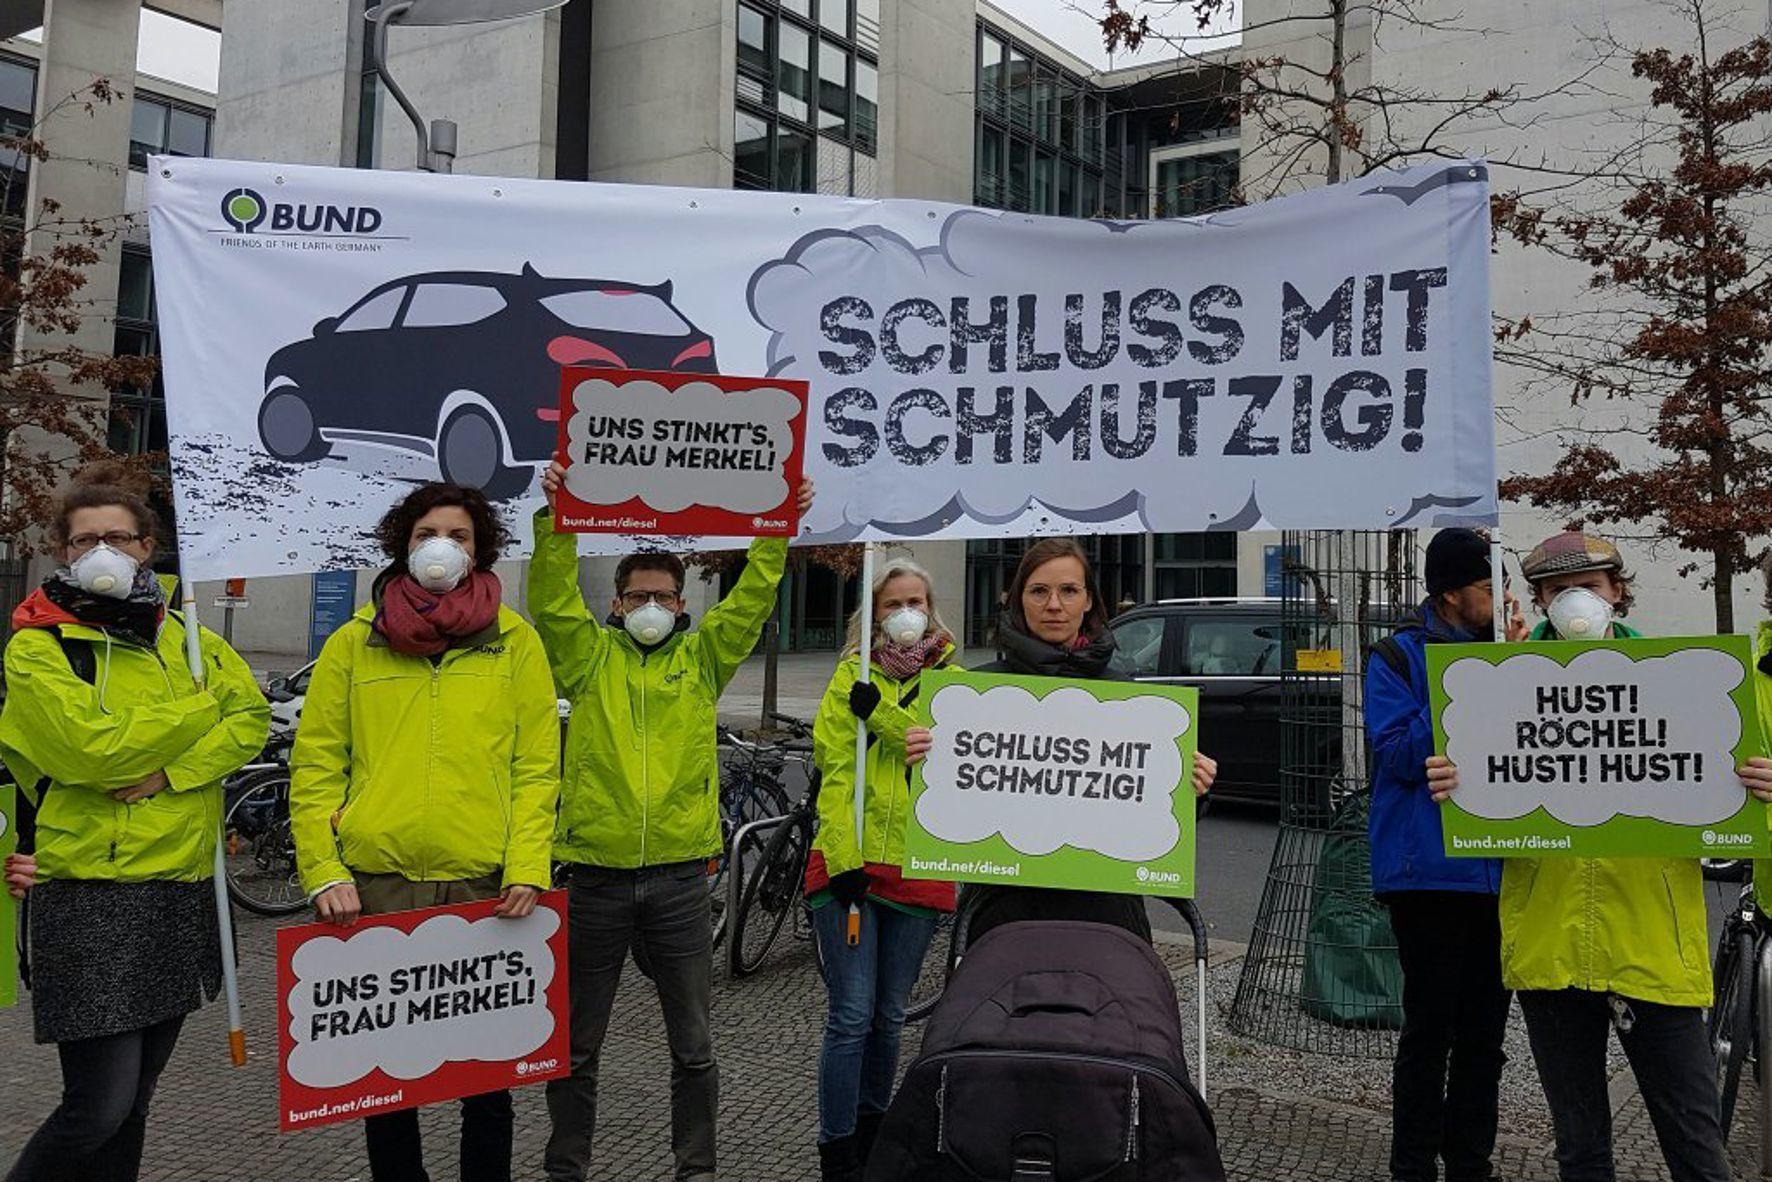 mid Groß-Gerau - Der Bund für Umwelt und Naturschutz Deutschland (BUND) fordert einen Verkaufsstopp von Diesel-Neuwagen, die den Stickoxid-Grenzwert überschreiten.